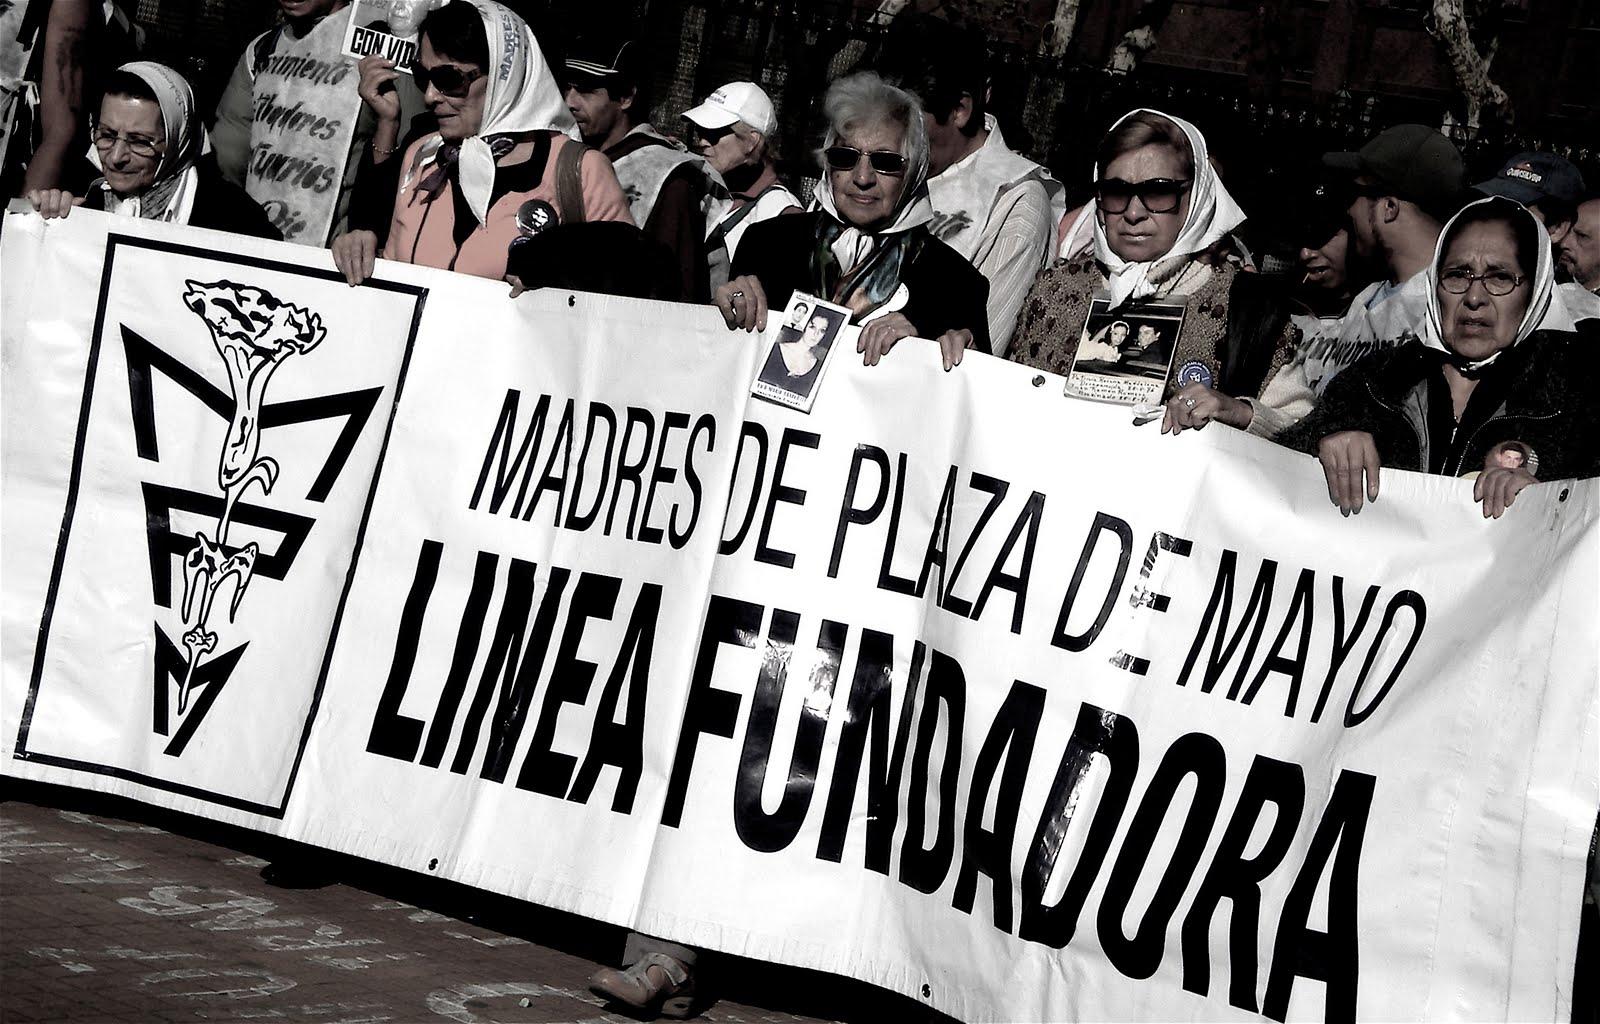 جنبشهای اجتماعی آمریکای لاتین؛ «مادران میدان مایو»